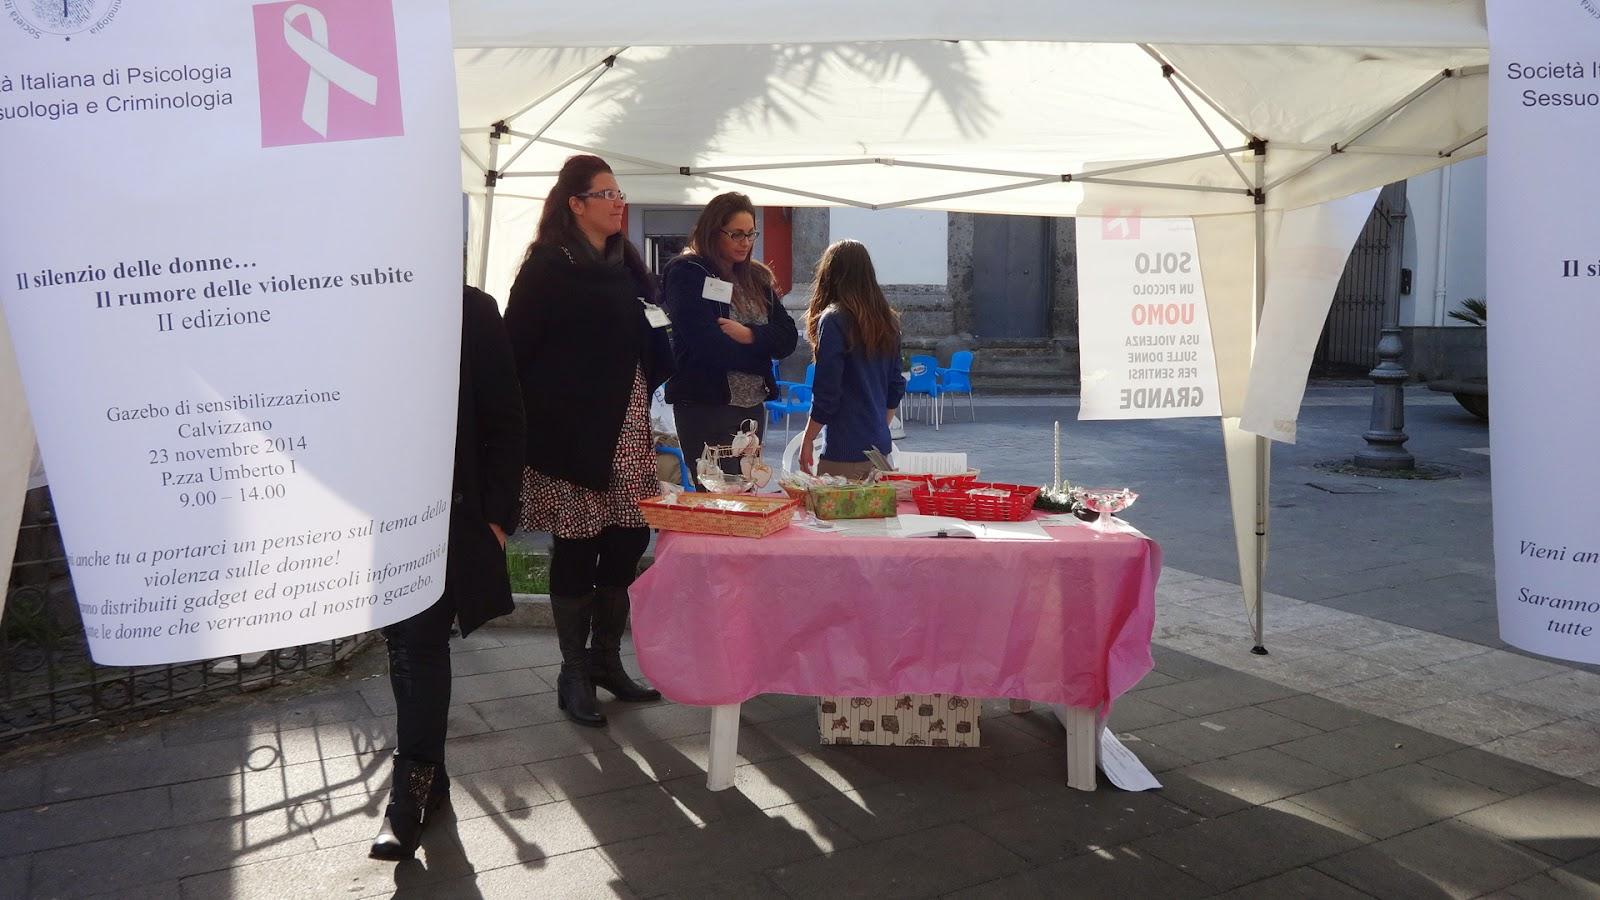 Basta violenza sulle donne calvizzanoweb for Societa italiana di criminologia